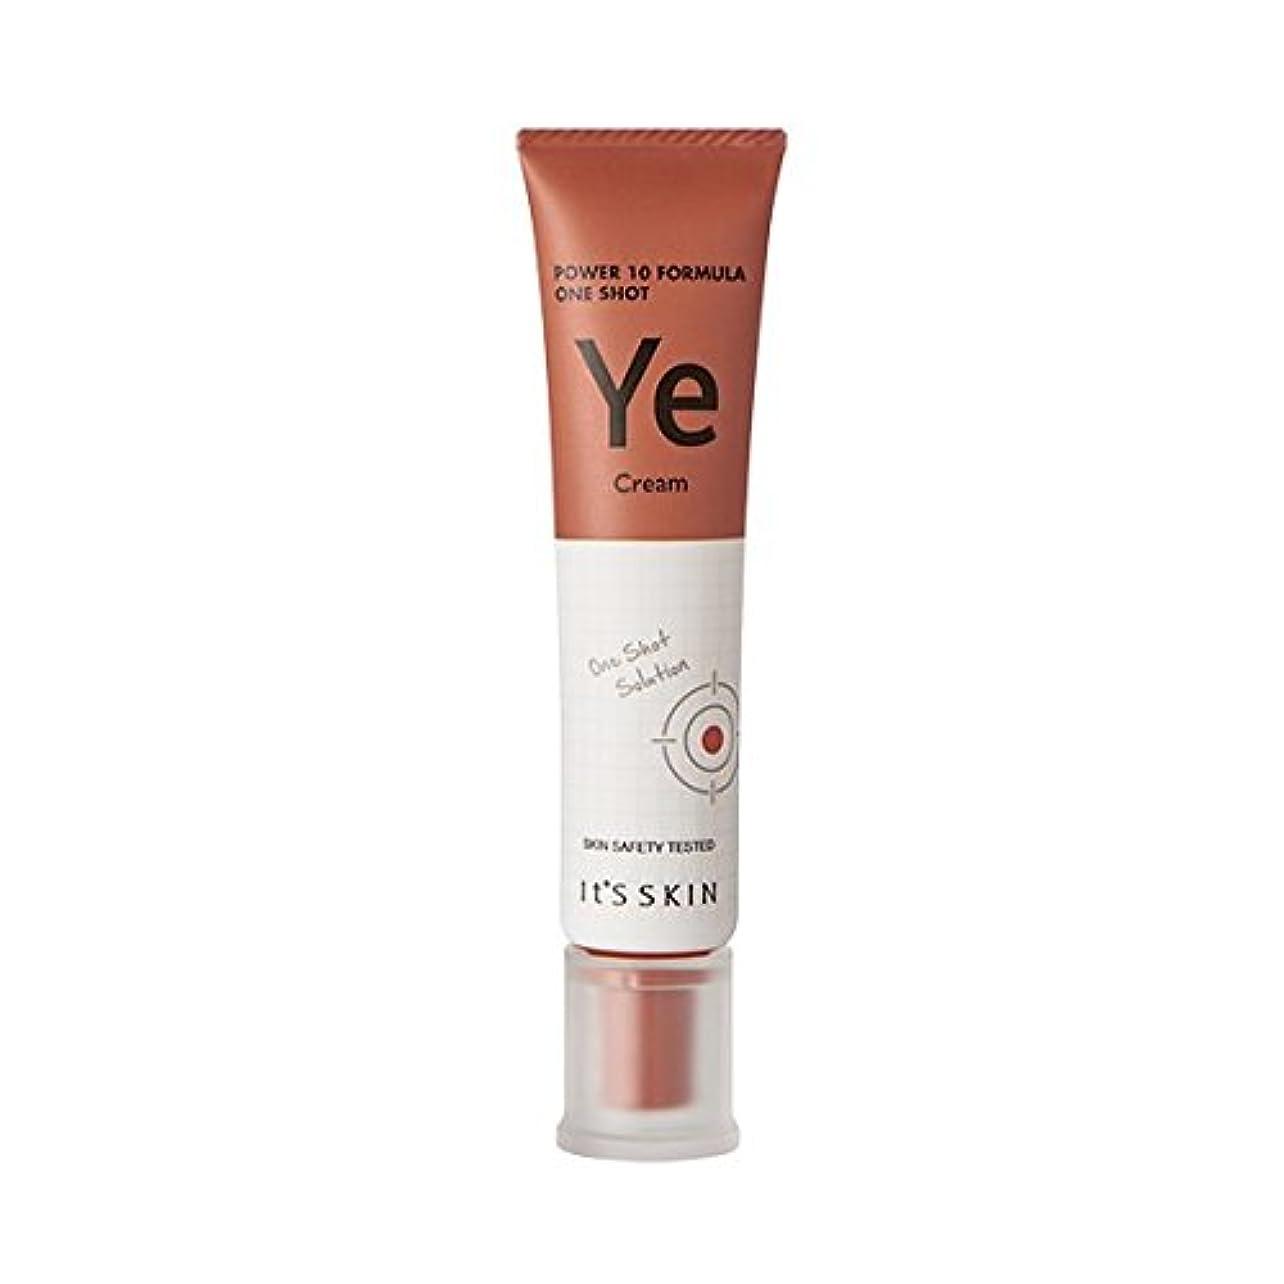 いとこ服合理化[New] It's Skin Power 10 Formula One Shot Cream (Ye) / イッツスキンパワー10 フォーミュラワンショットクリーム [並行輸入品]